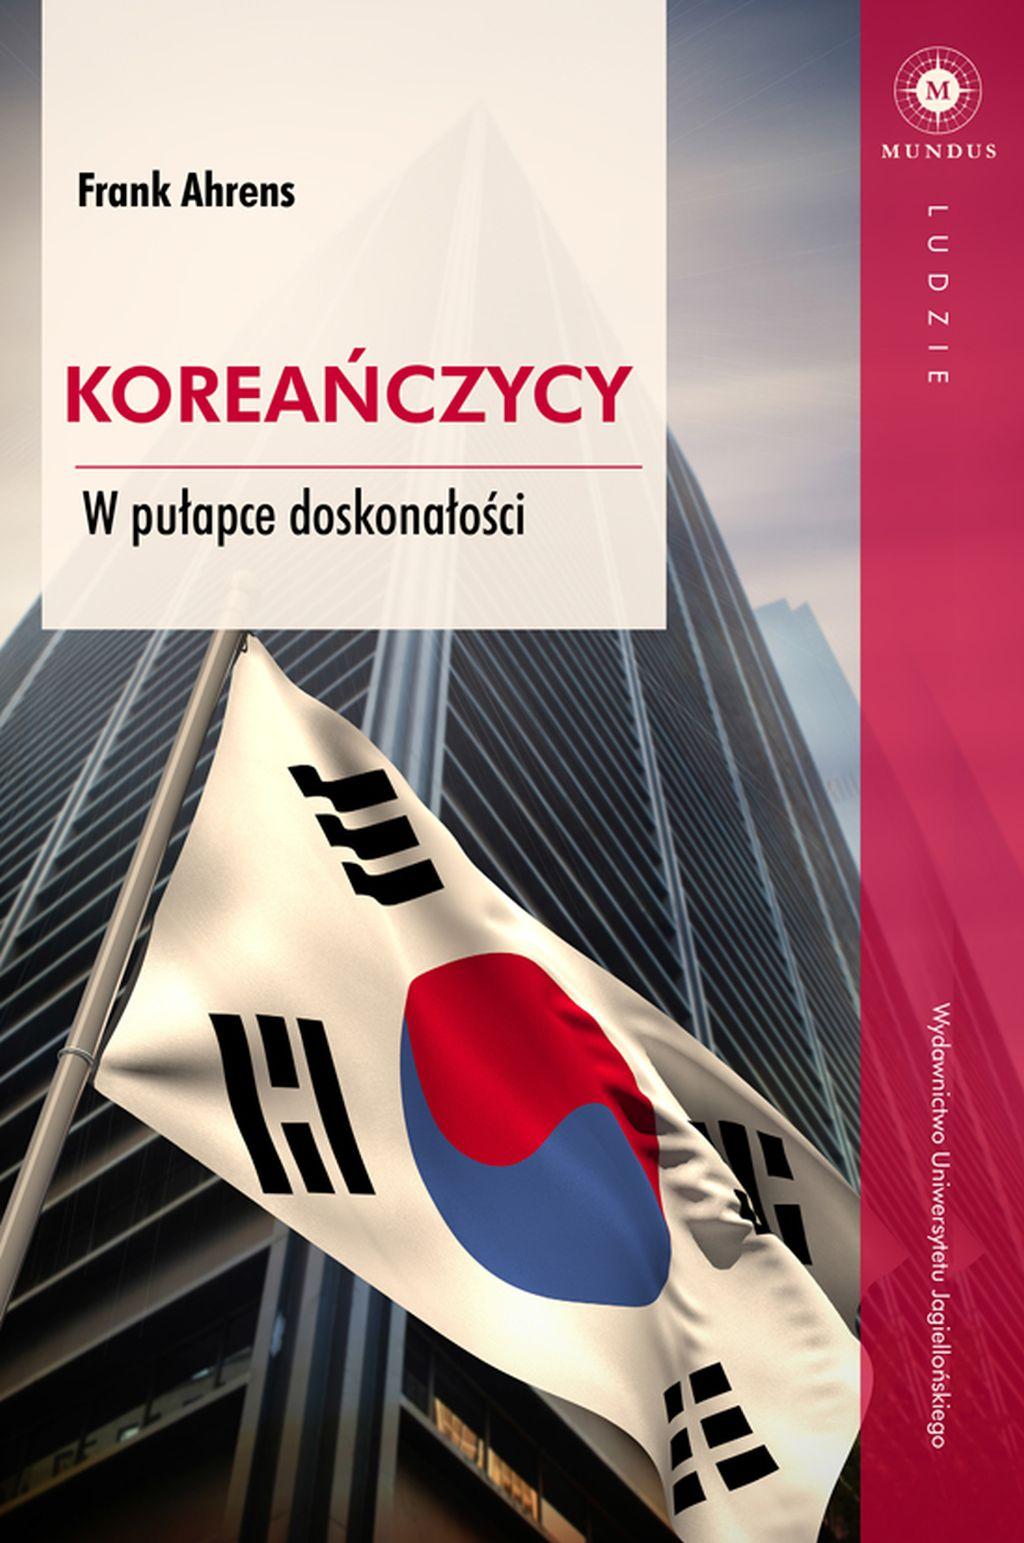 """Frank Arens, """"Koreańczycy. W pułapce doskonałości"""" (źródło: materiały prasowe wydawnictwa)"""